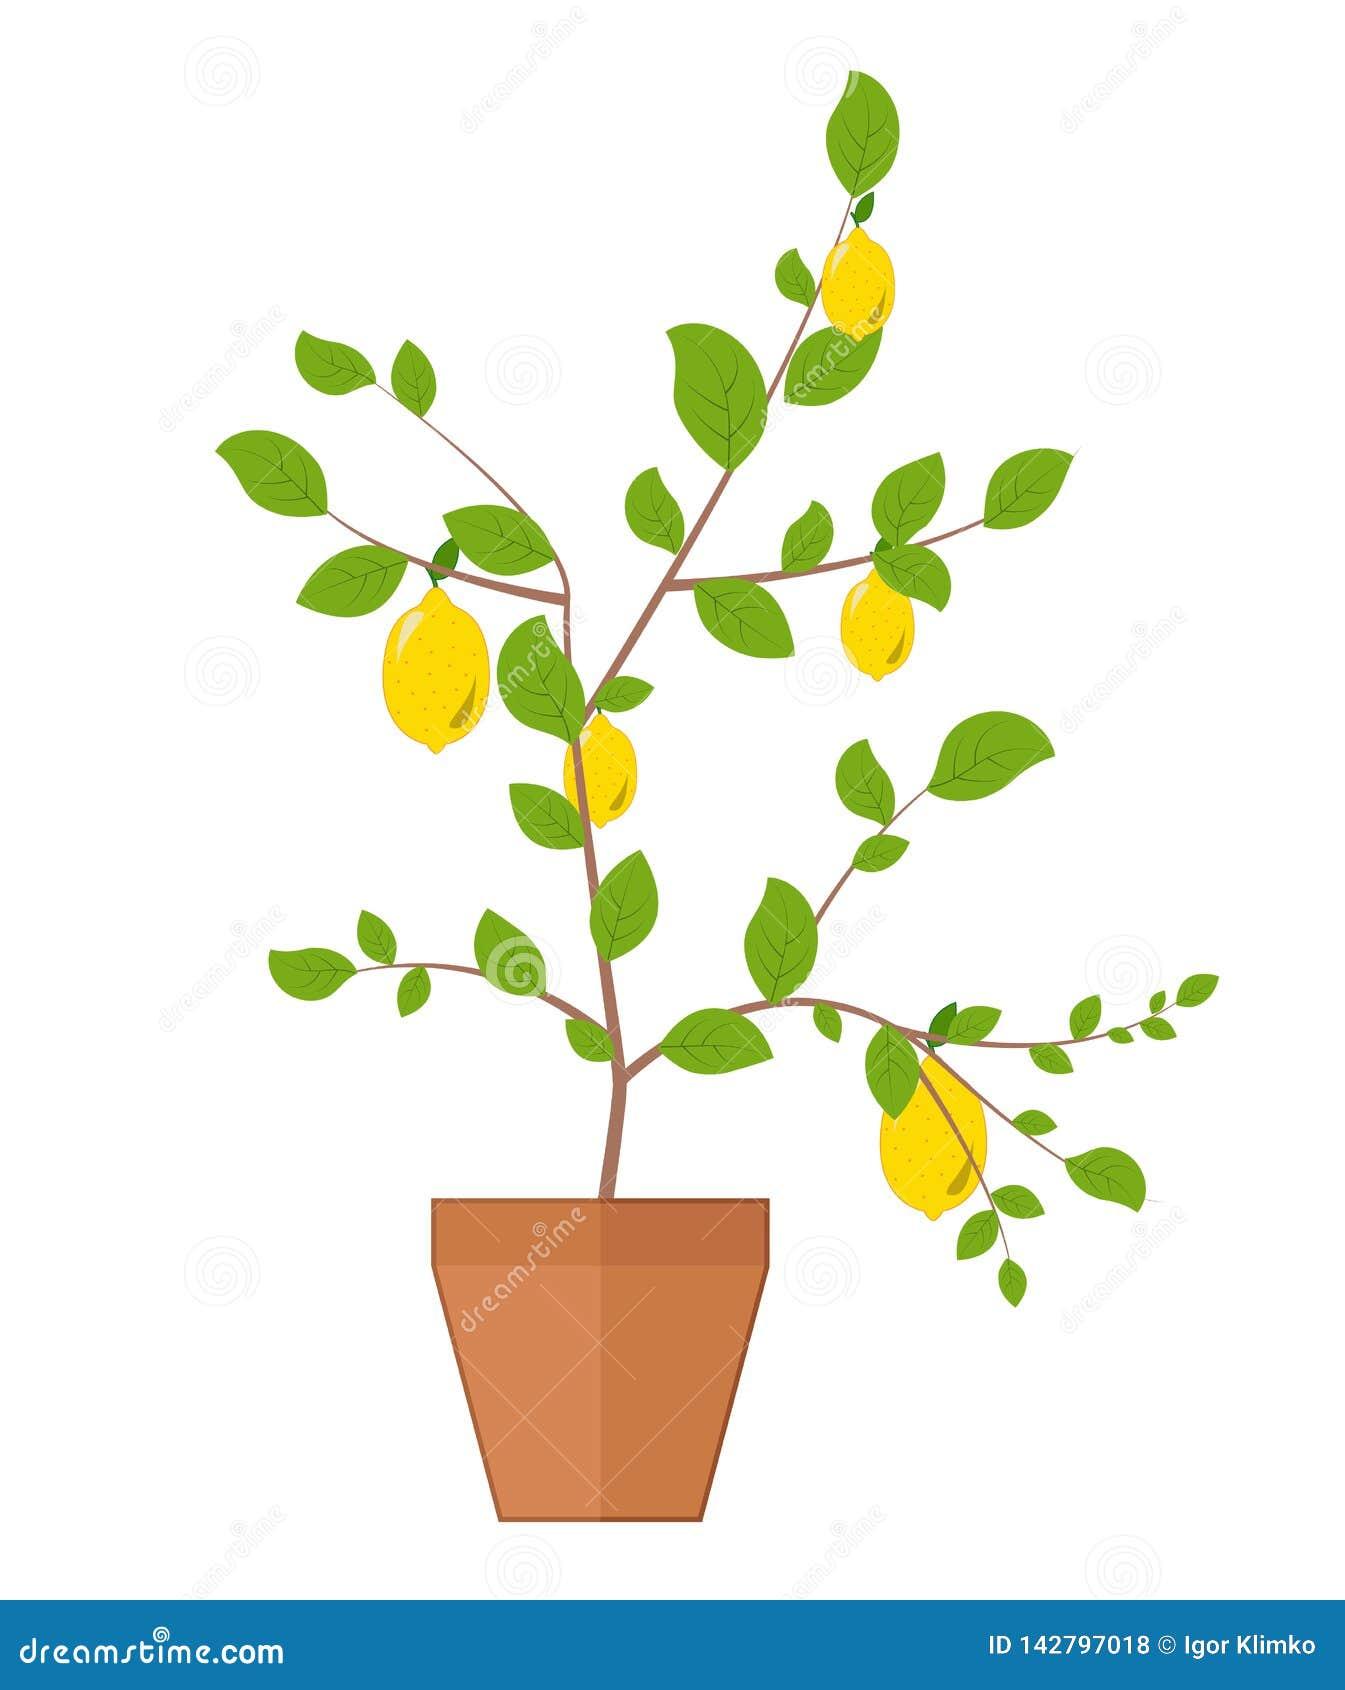 Διανυσματική οριζόντια απομονωμένη απεικόνιση ενός δέντρου λεμονιών